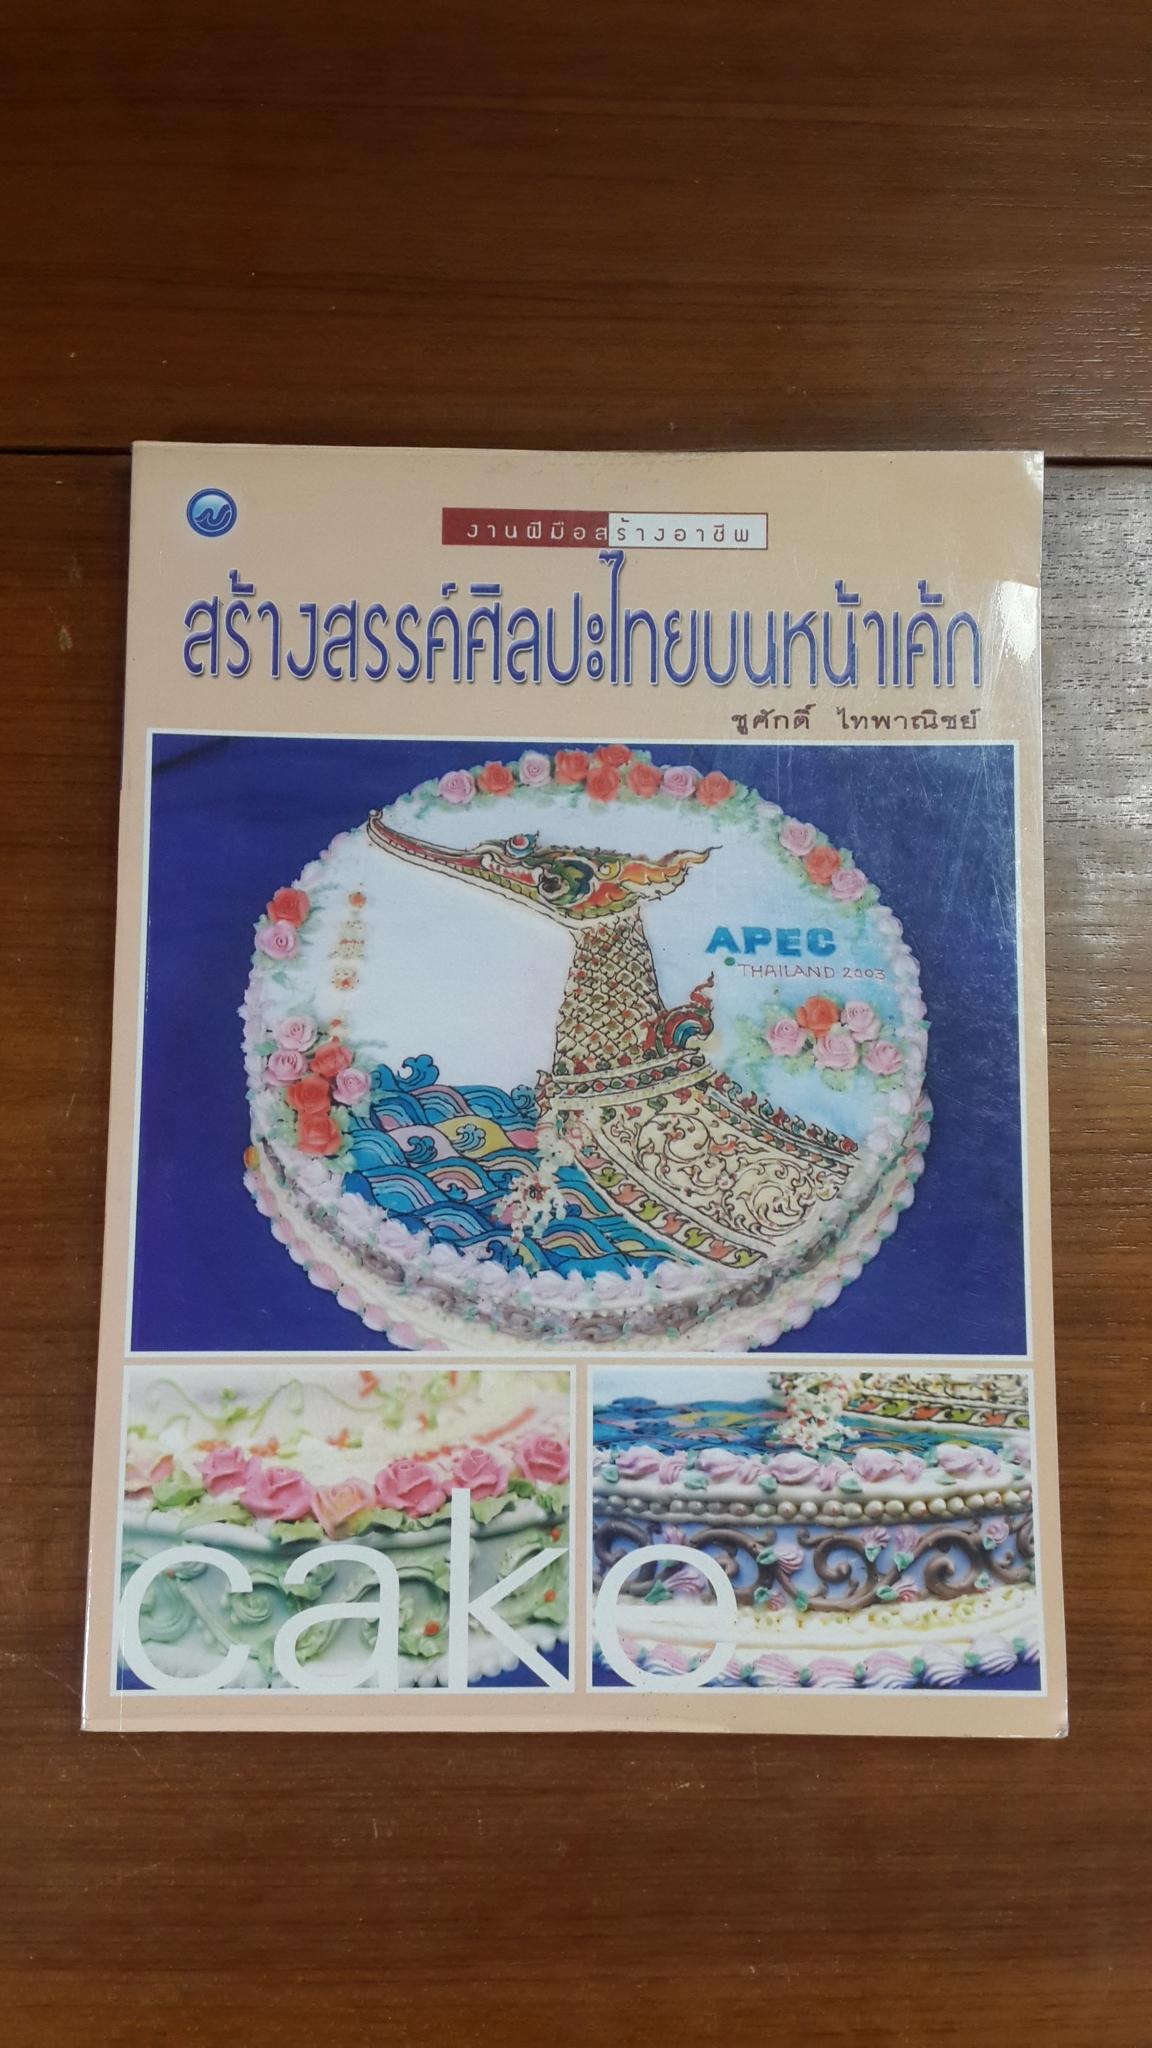 สร้างสรรค์ศิลปะไทยบนหน้าเค้ก / ชูศักดิ์ ไทพาณิชย์